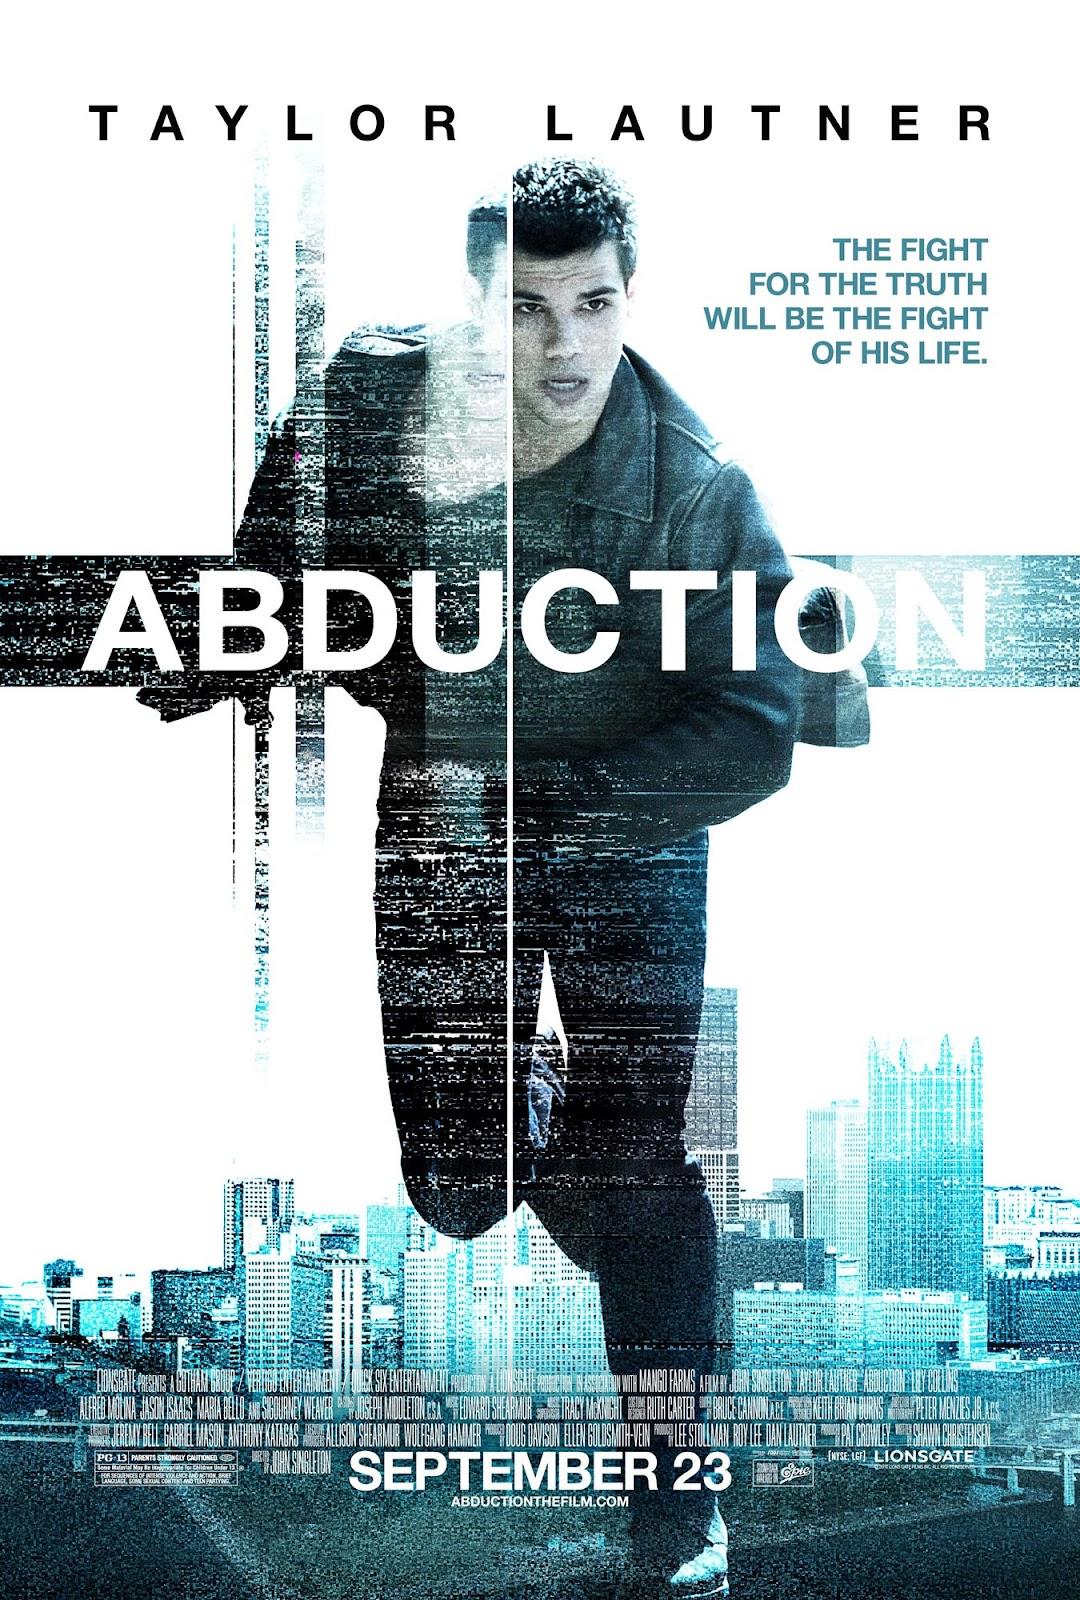 http://3.bp.blogspot.com/-CNVaYVVGQ5s/Tzot5WLbbXI/AAAAAAAAAM4/T04lBZ8UgmM/s1600/Abduction.jpg